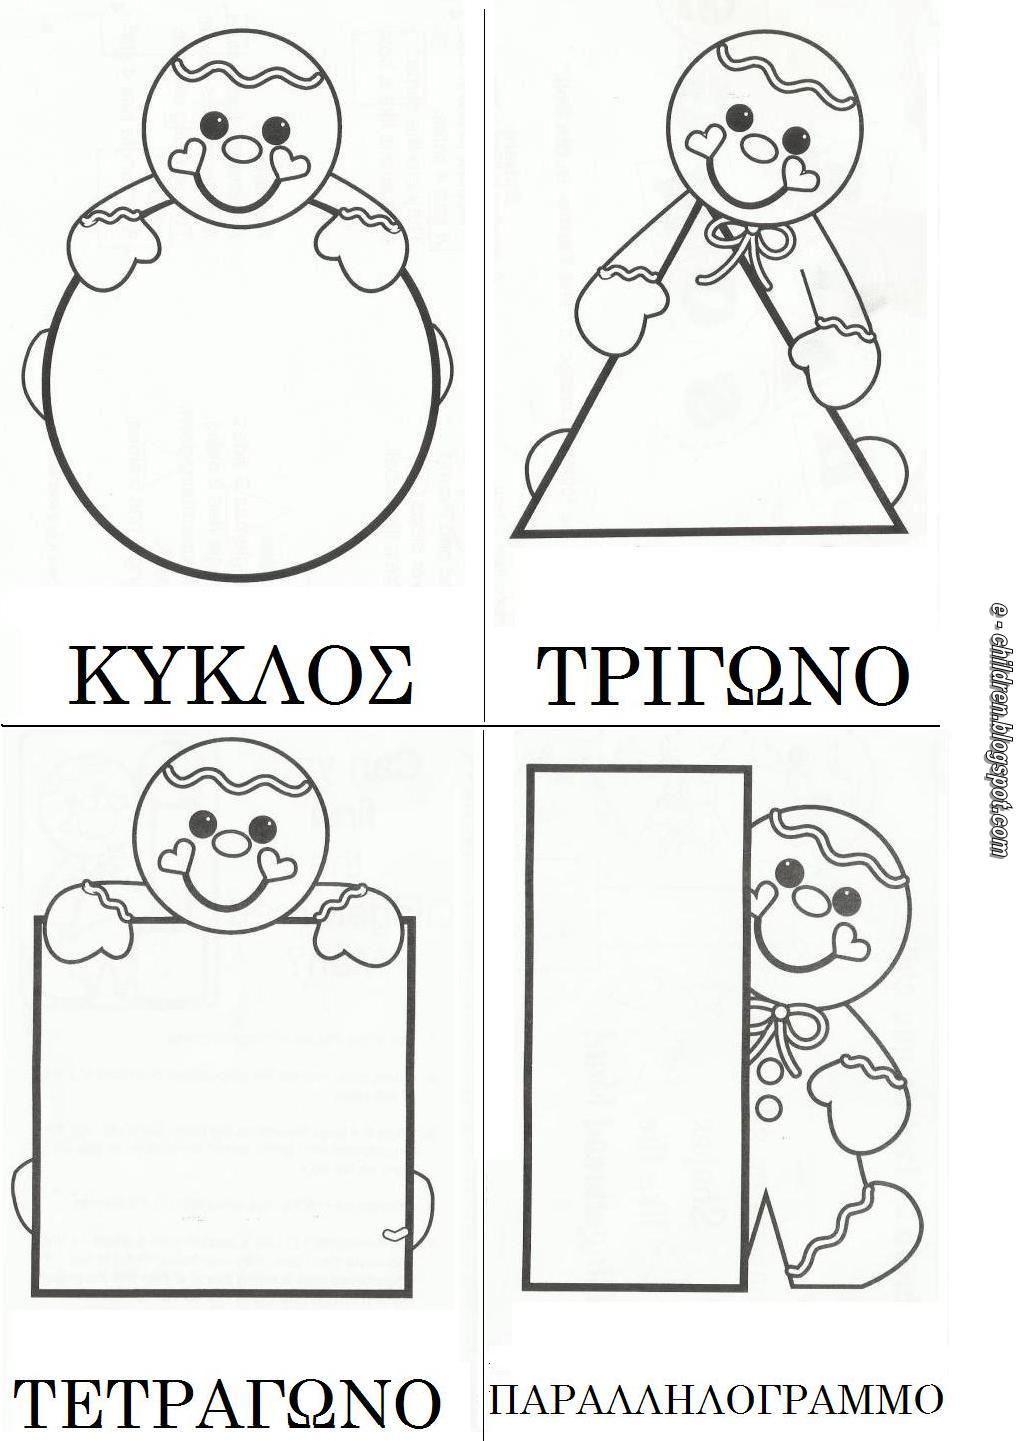 Fylla Ergasias Gia Ta Sxhmata Los Ninos Greek School